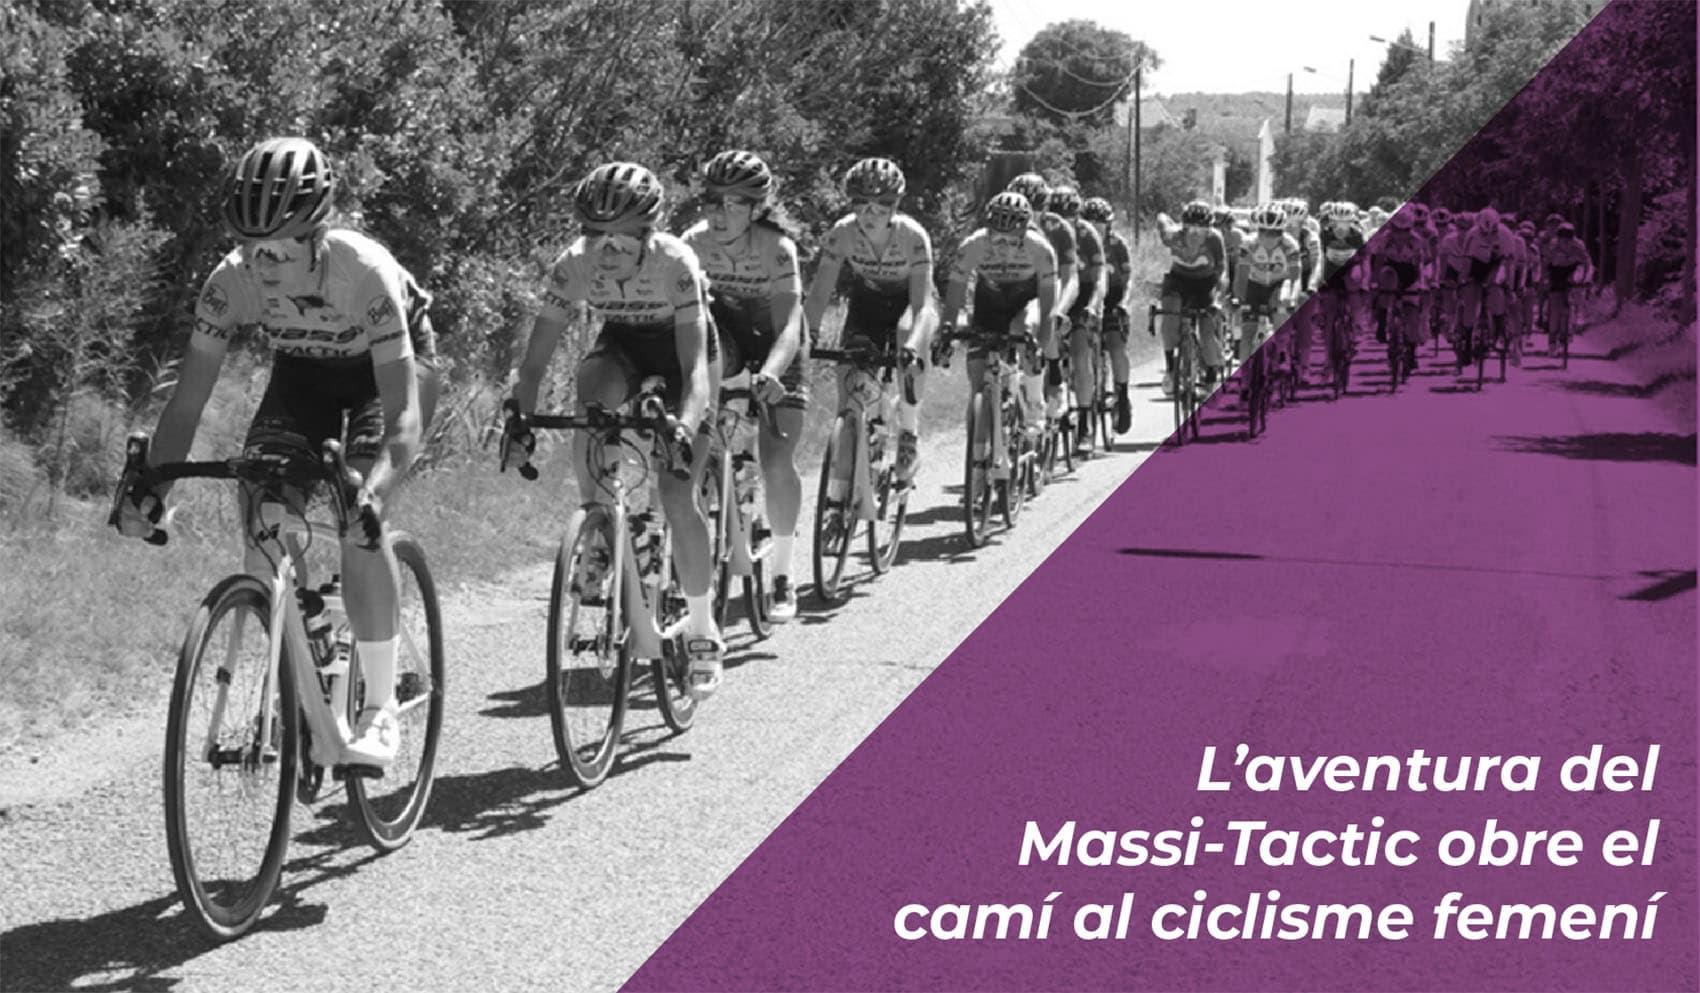 L'aventura del Massi-Tactic obre el camí al ciclisme femení 1